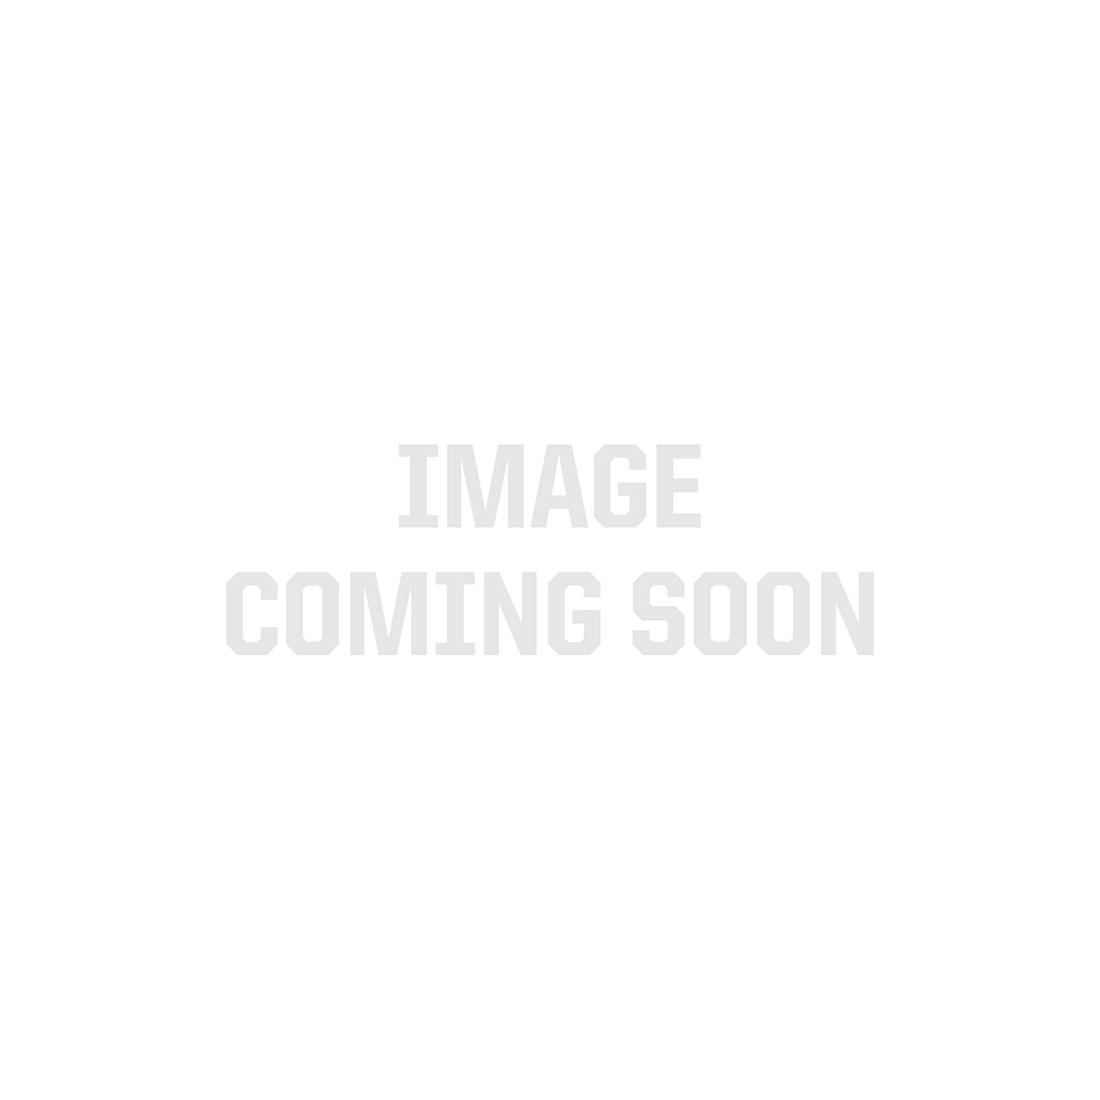 EdgeLight LED Light Bar - 6×90 Degree - 6500K - 219mm